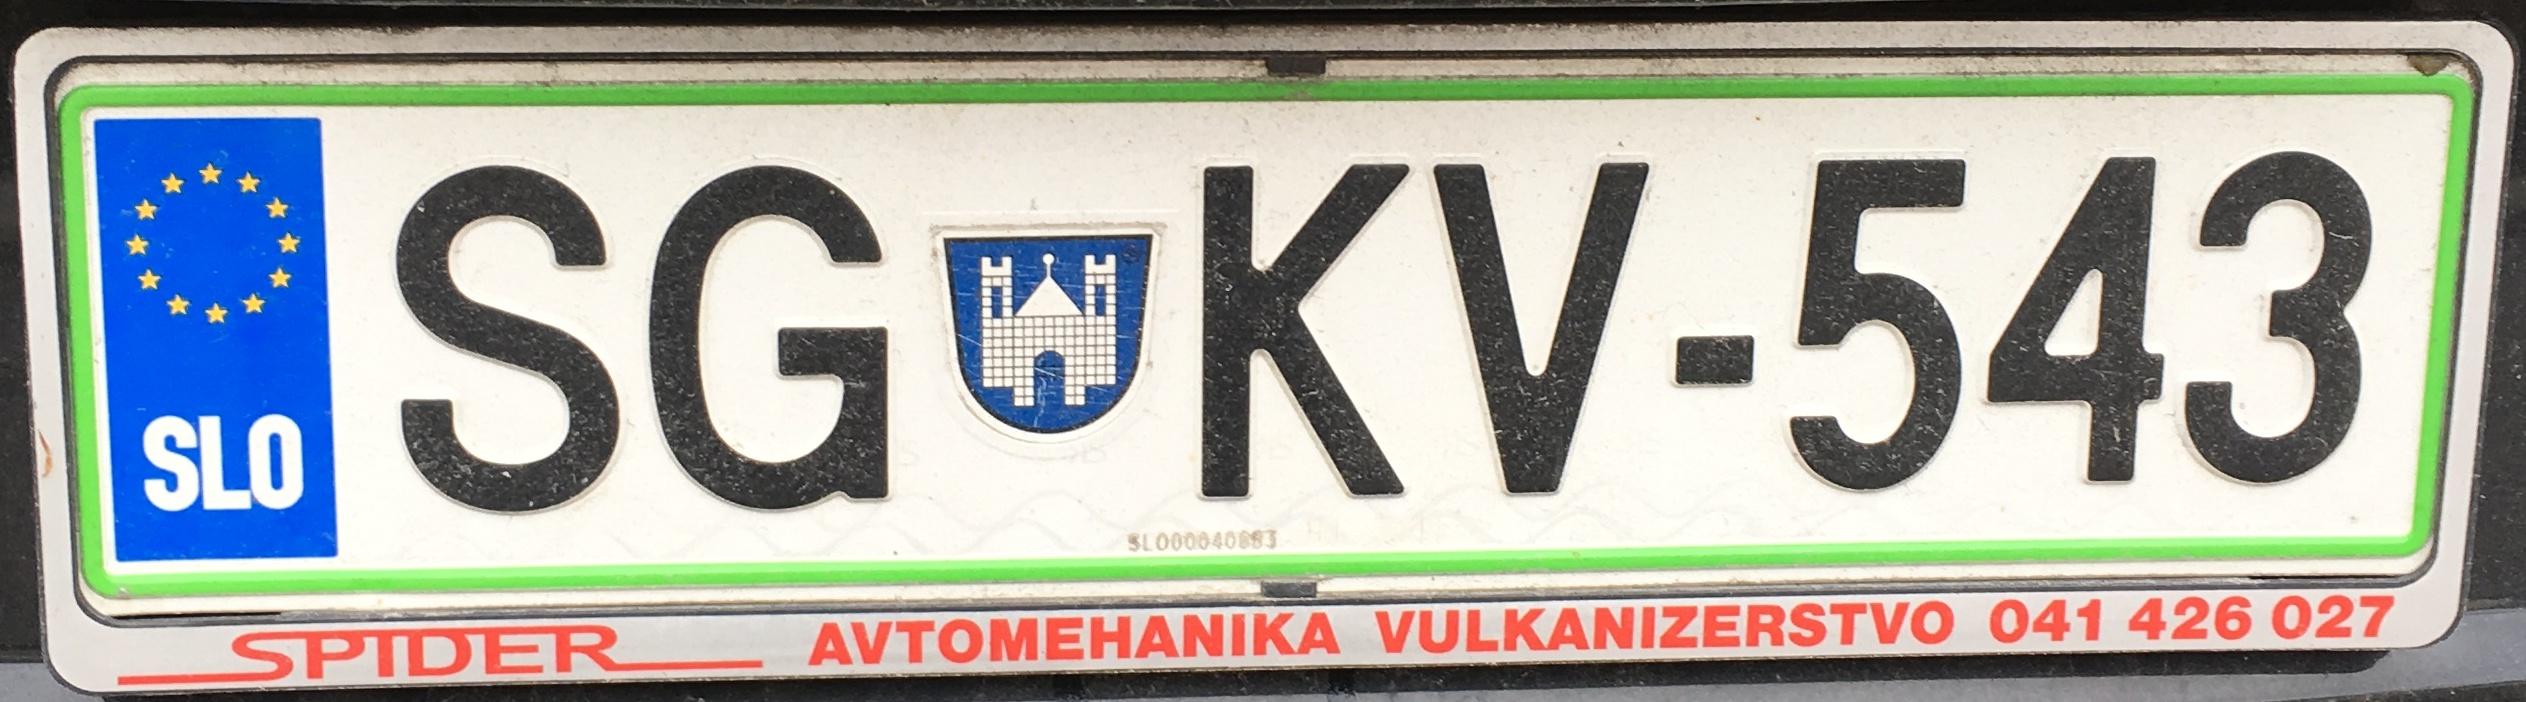 Registrační značka Slovinsko - SG - Slovenj Gradec, foto: www.podalnici.cz